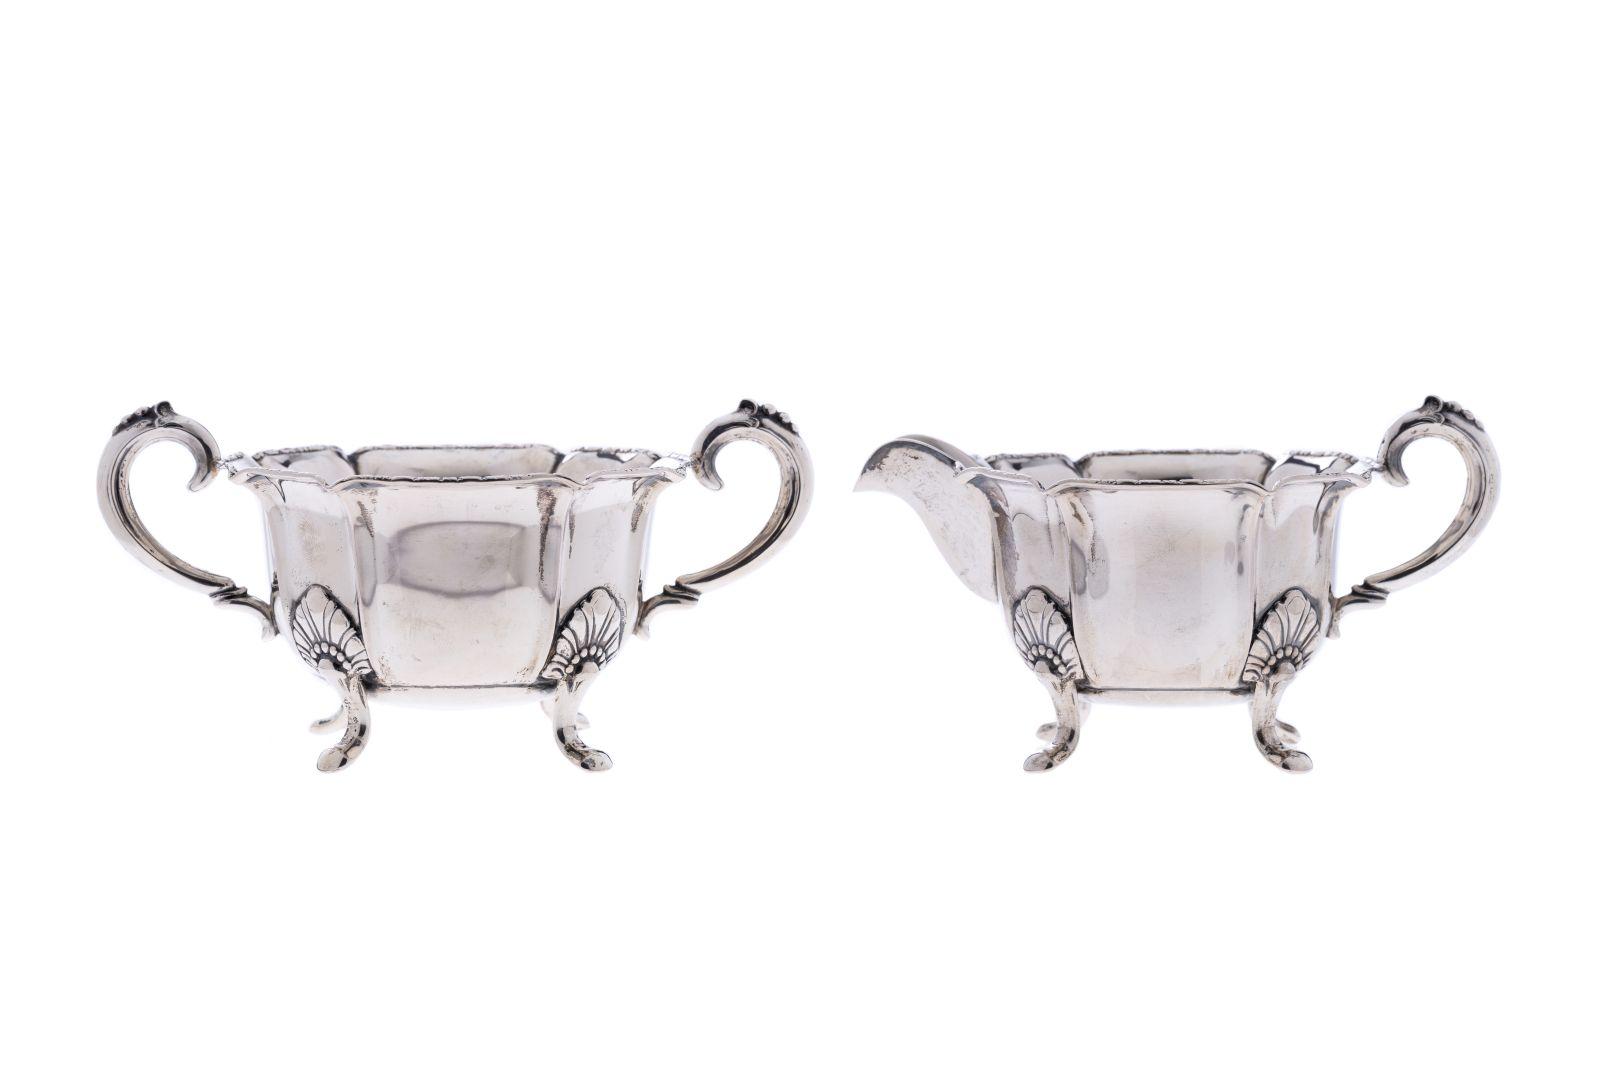 #73 Milk jug and sugar bowl | Milchkännchen und Zuckerdose Image